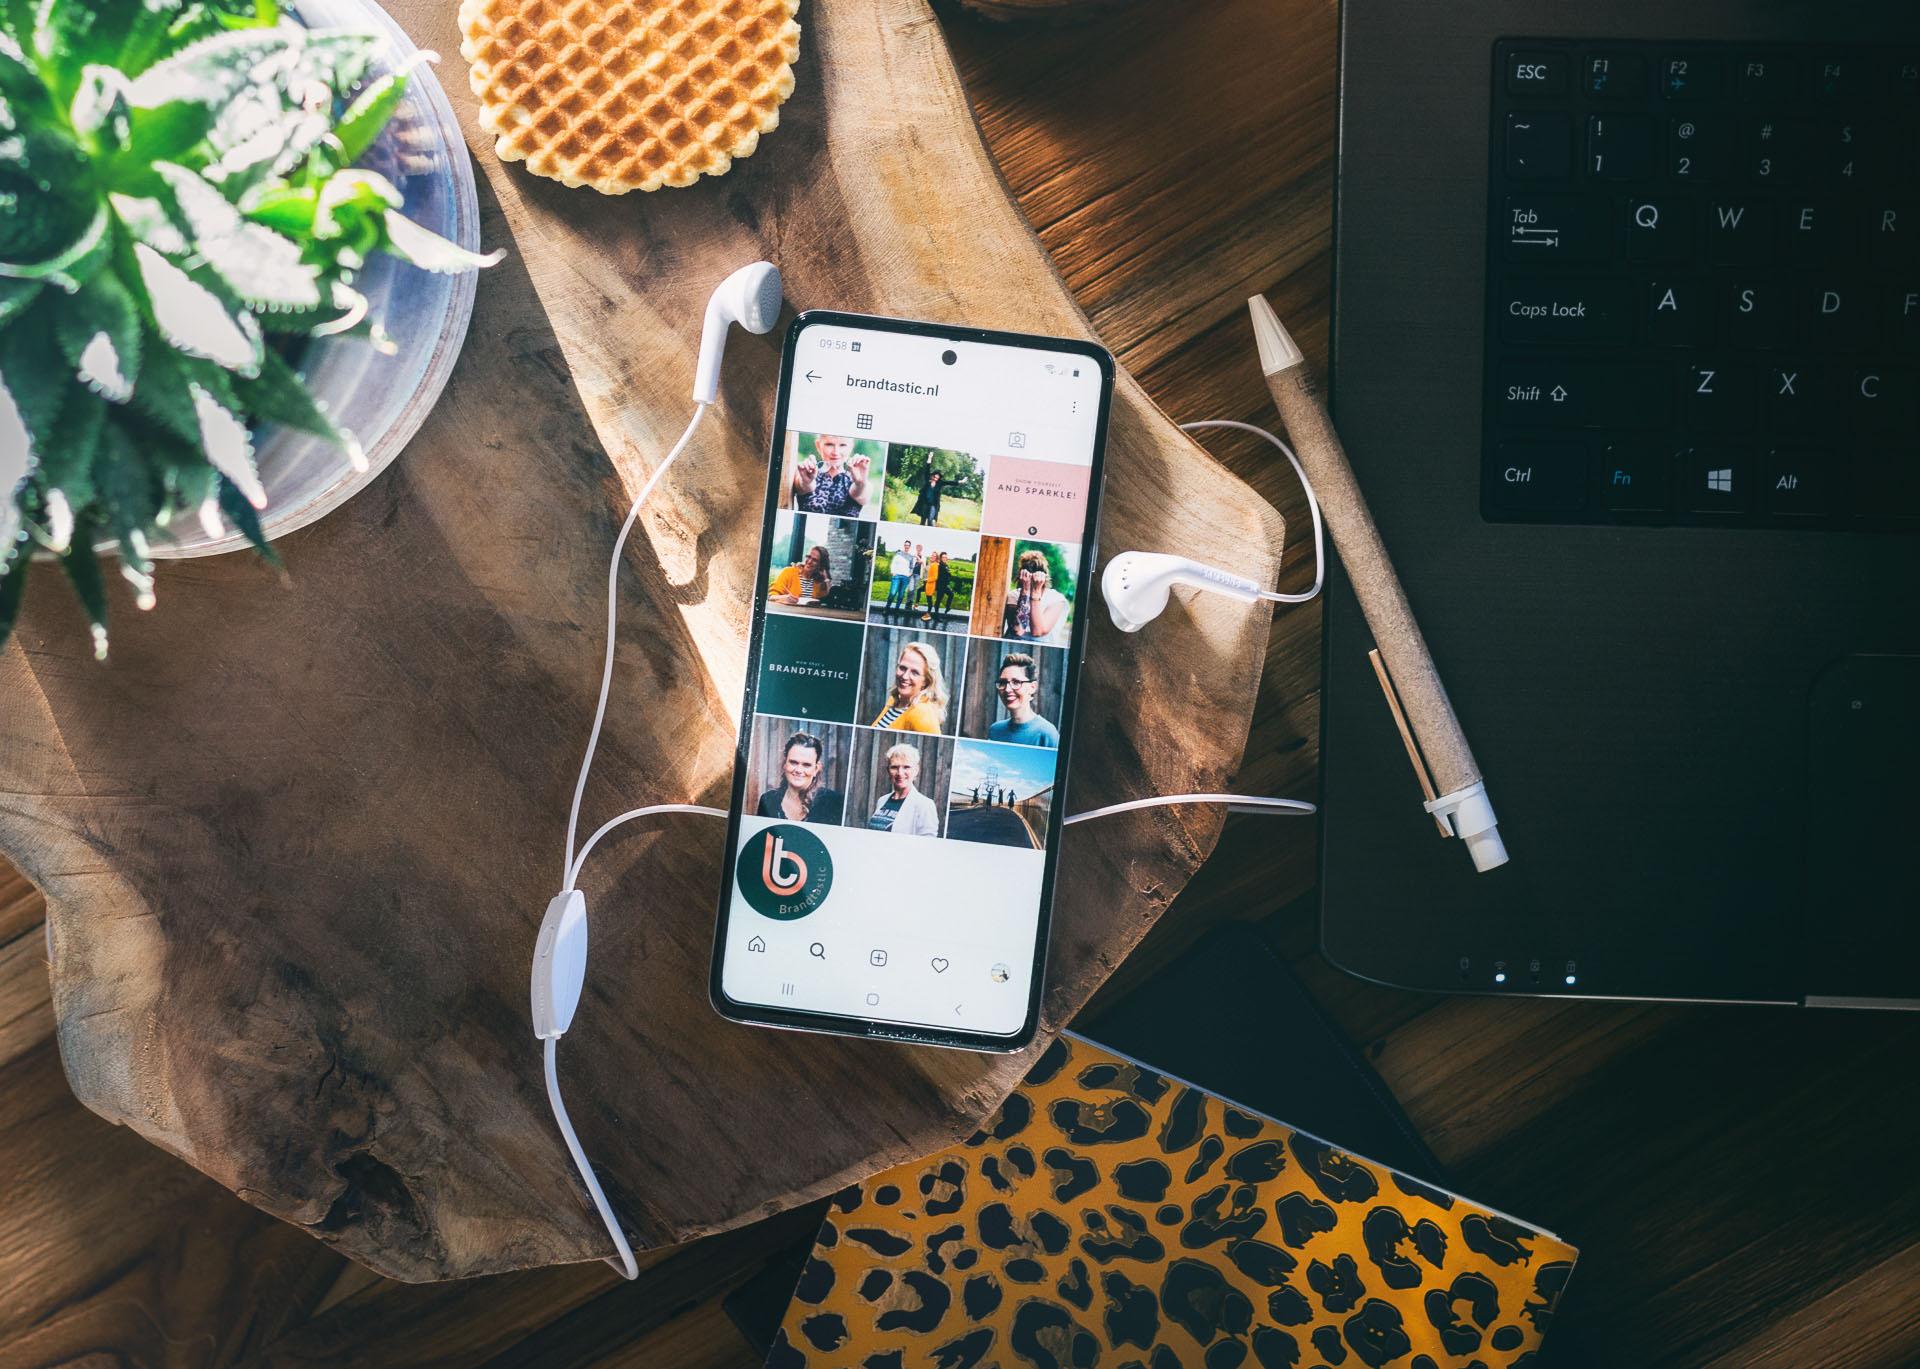 Op zoek naar je unieke huisstijl? Weet je niet waar je moet beginnen met je website en goede content? In twee dagen leggen we samen die basis.